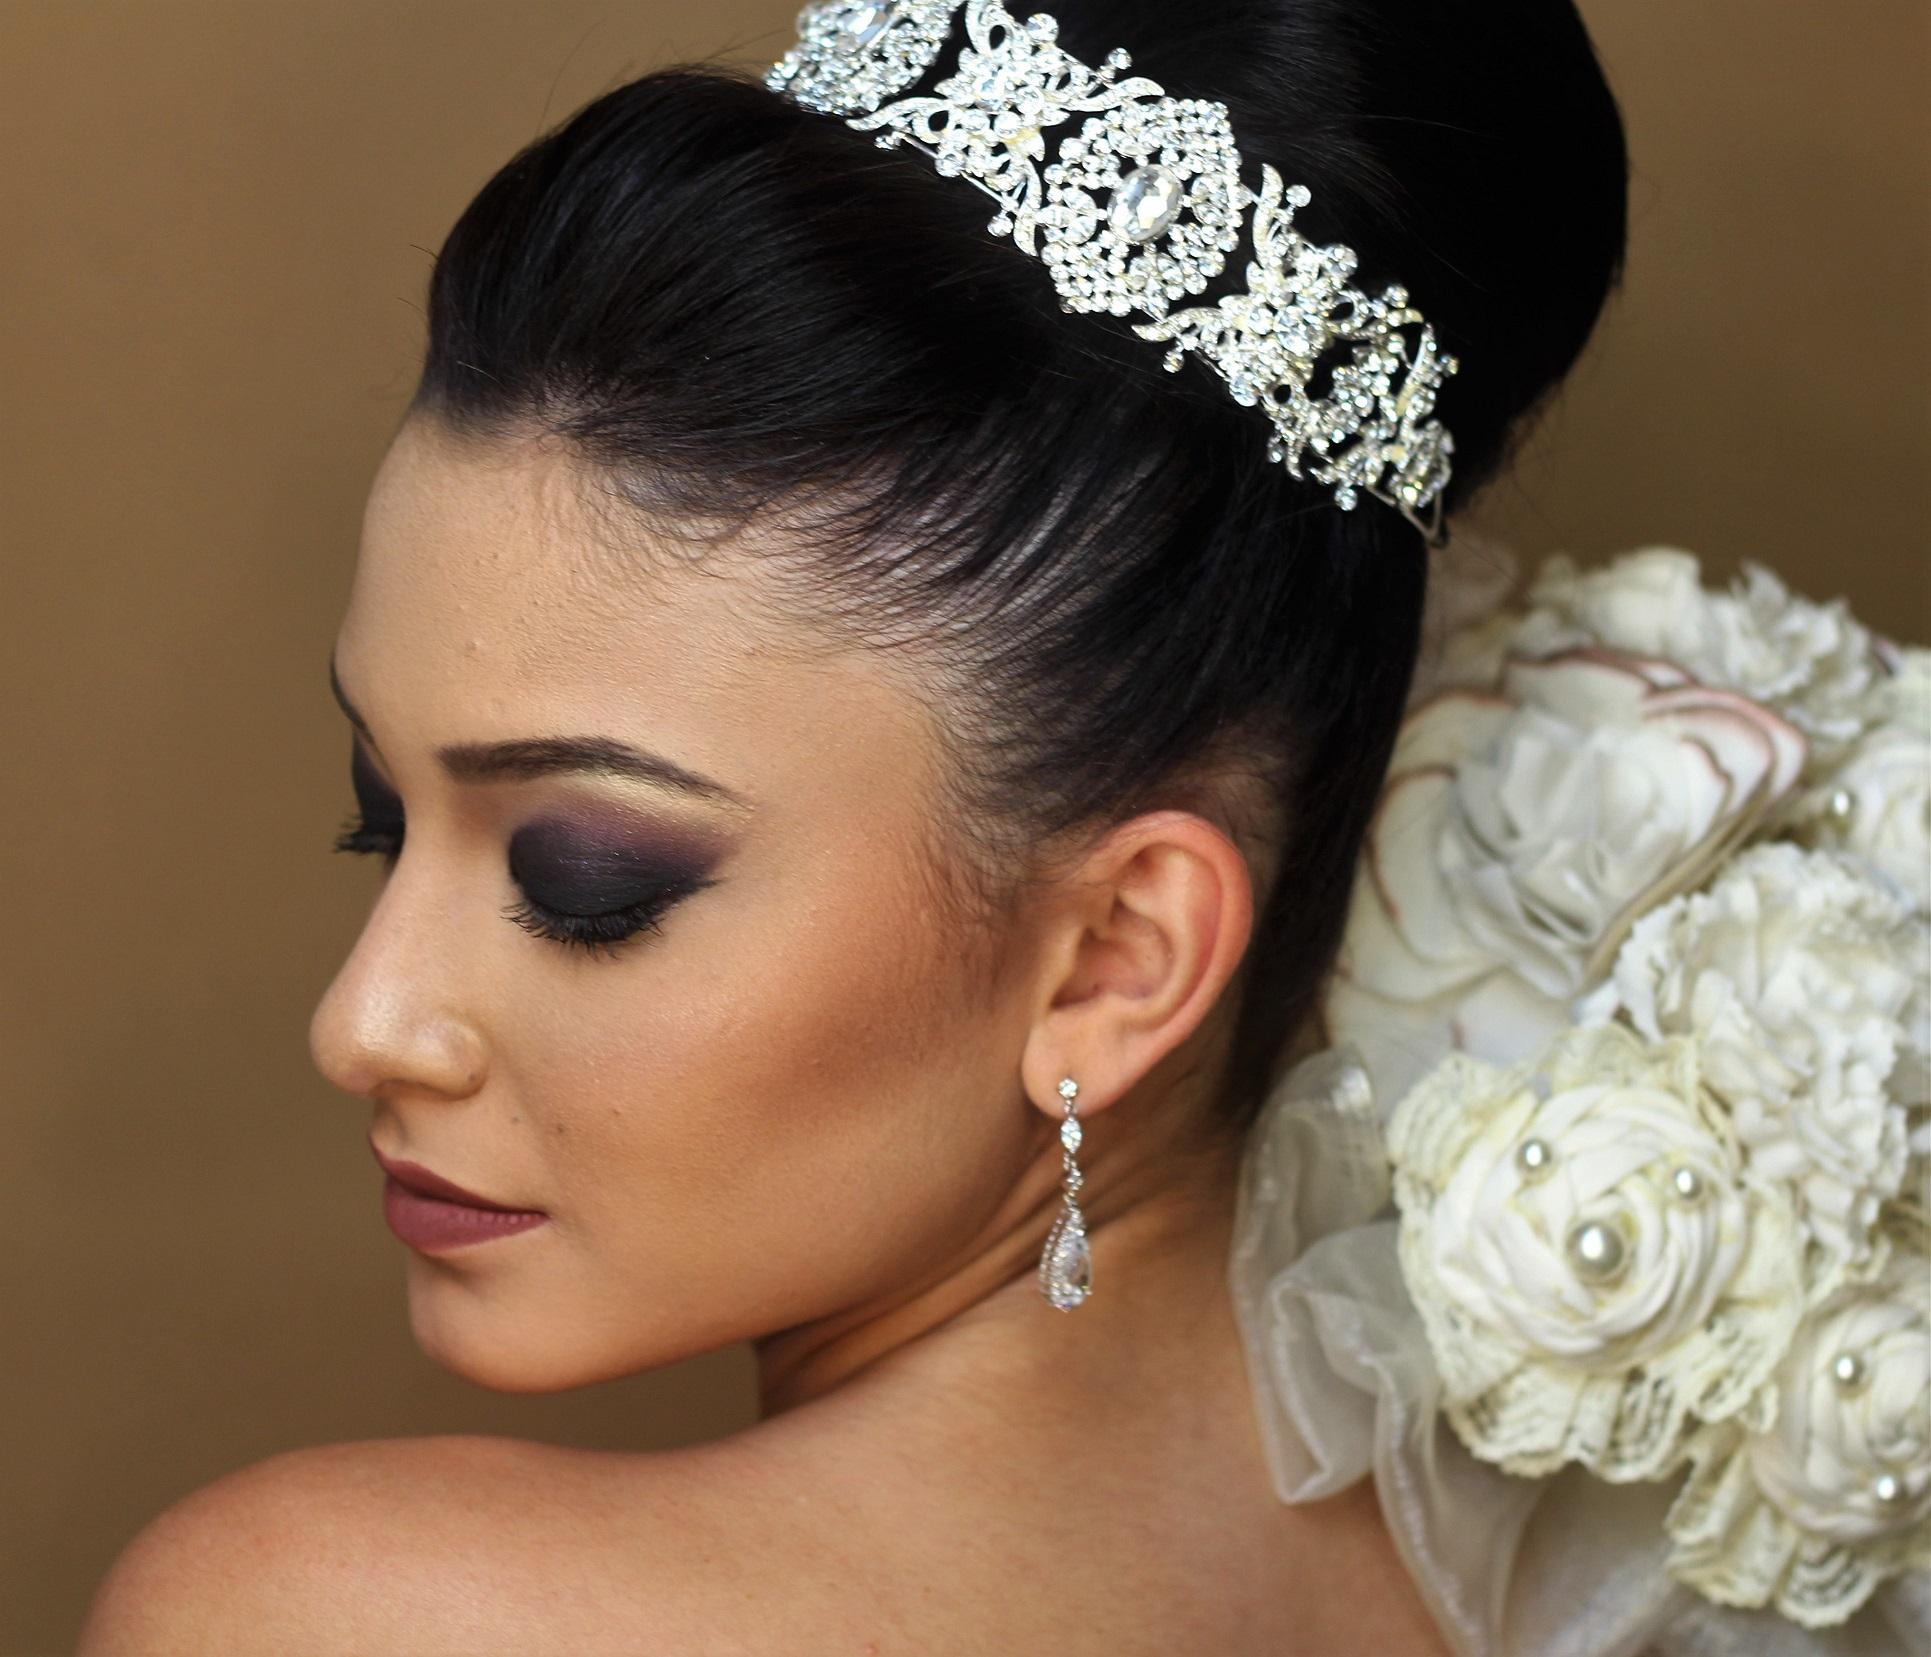 8 conselhos para maquiagem de casamento perfeita